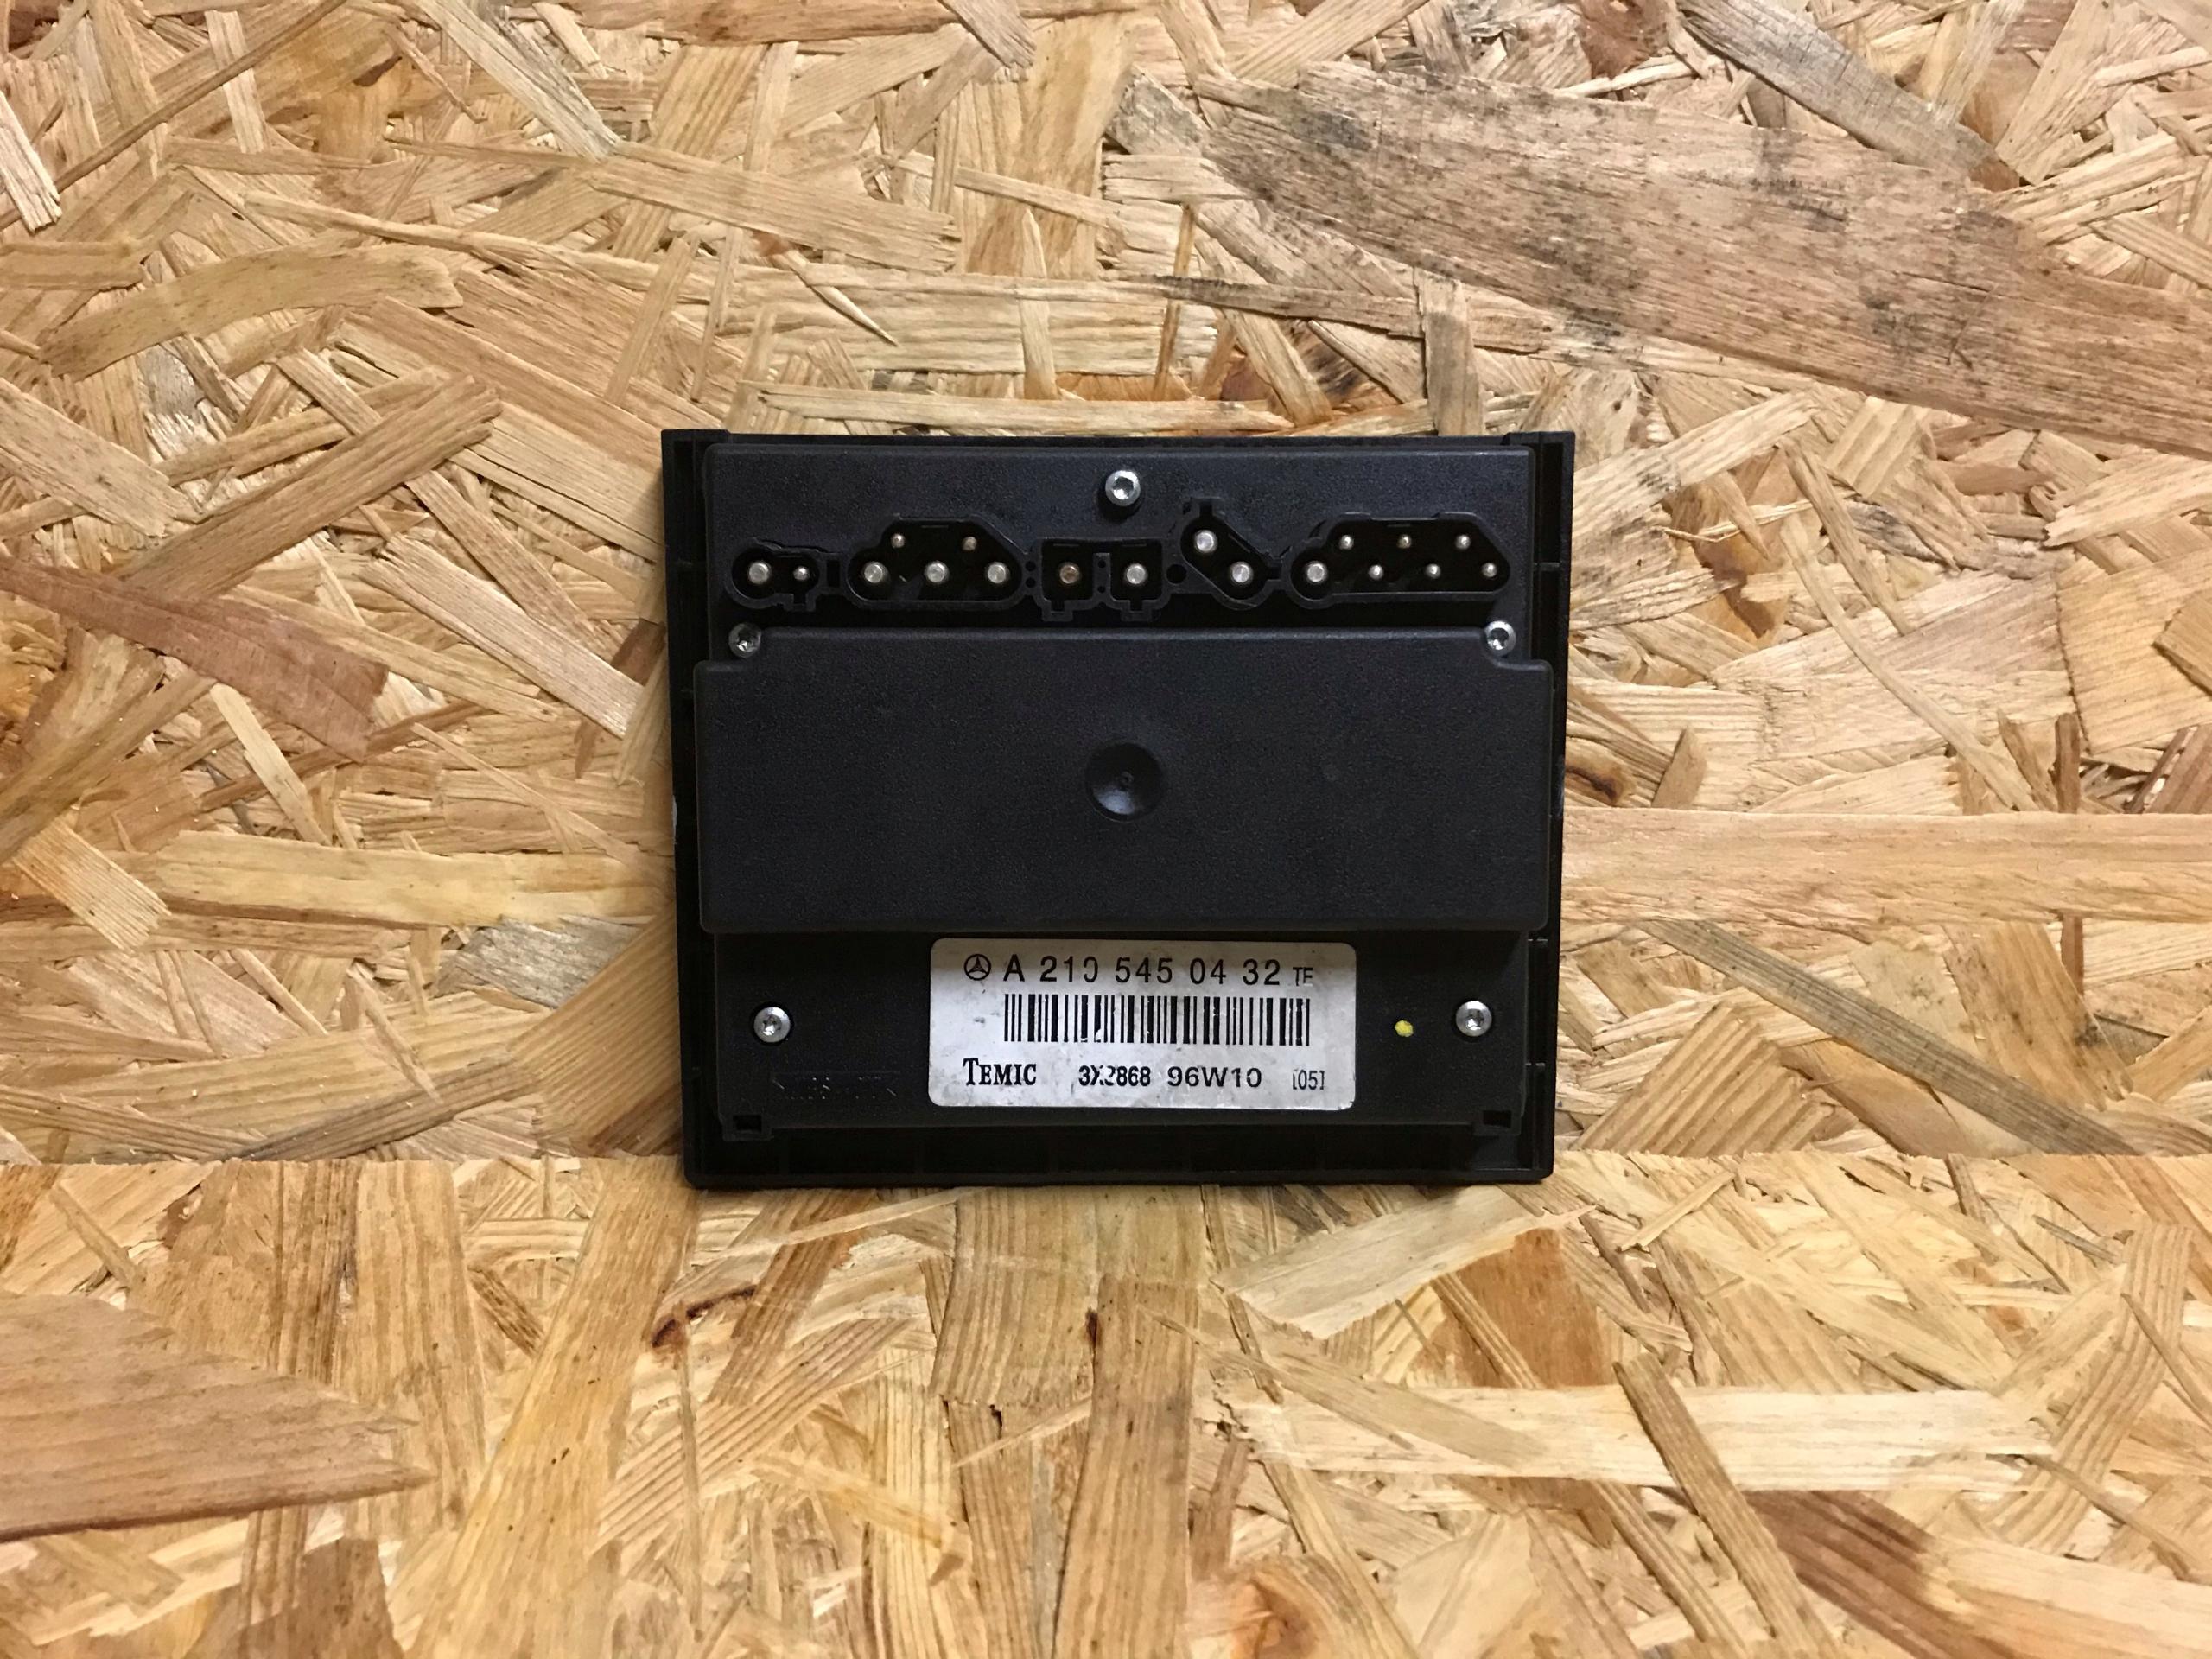 драйвер вентилятора мб e-klasa w210 a2105450432